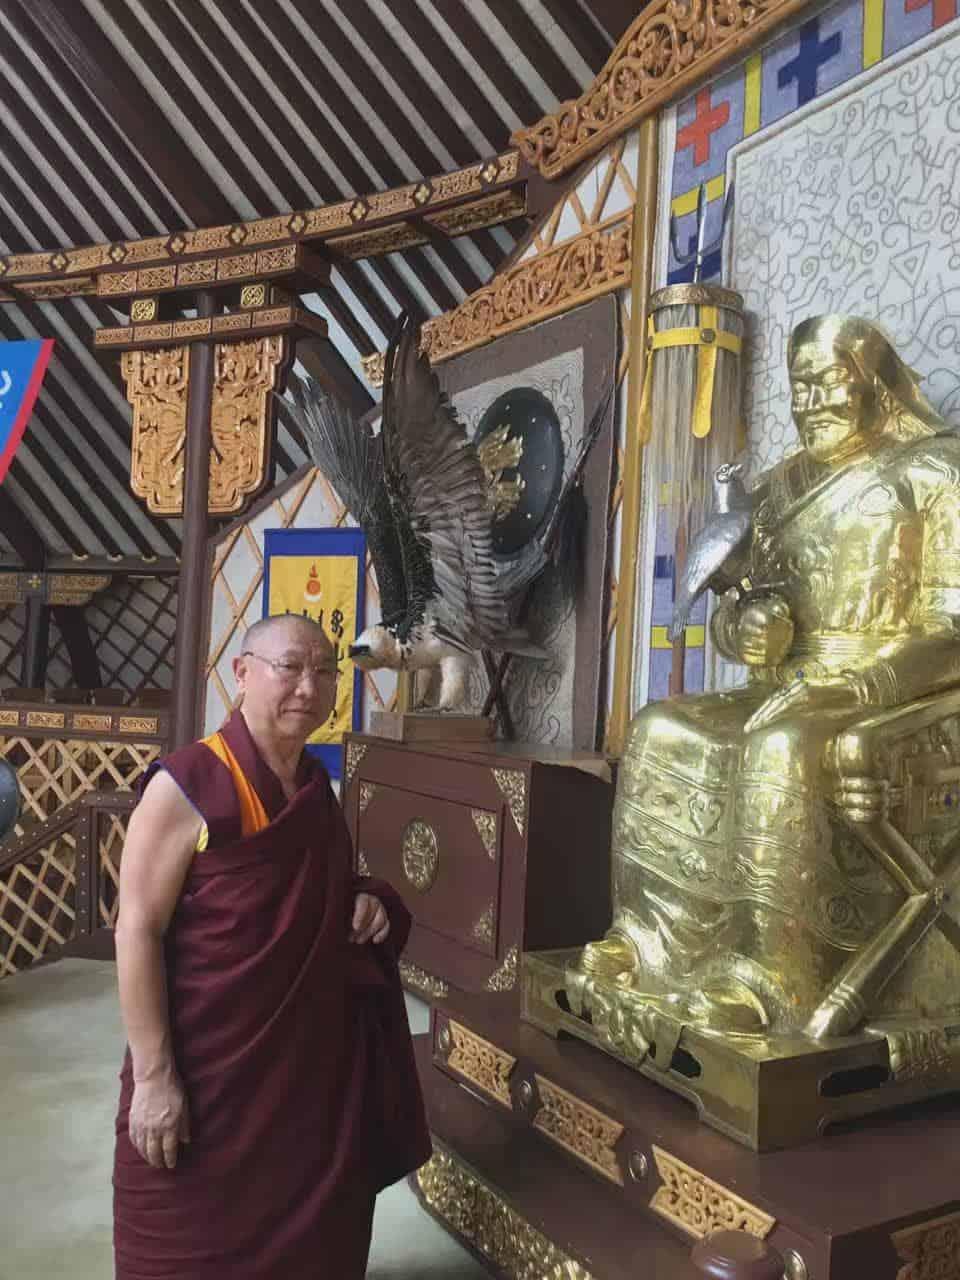 gosok-rinpoche-mongolia-2016-ac90cacca4b26ecdf8488a7770fb22d